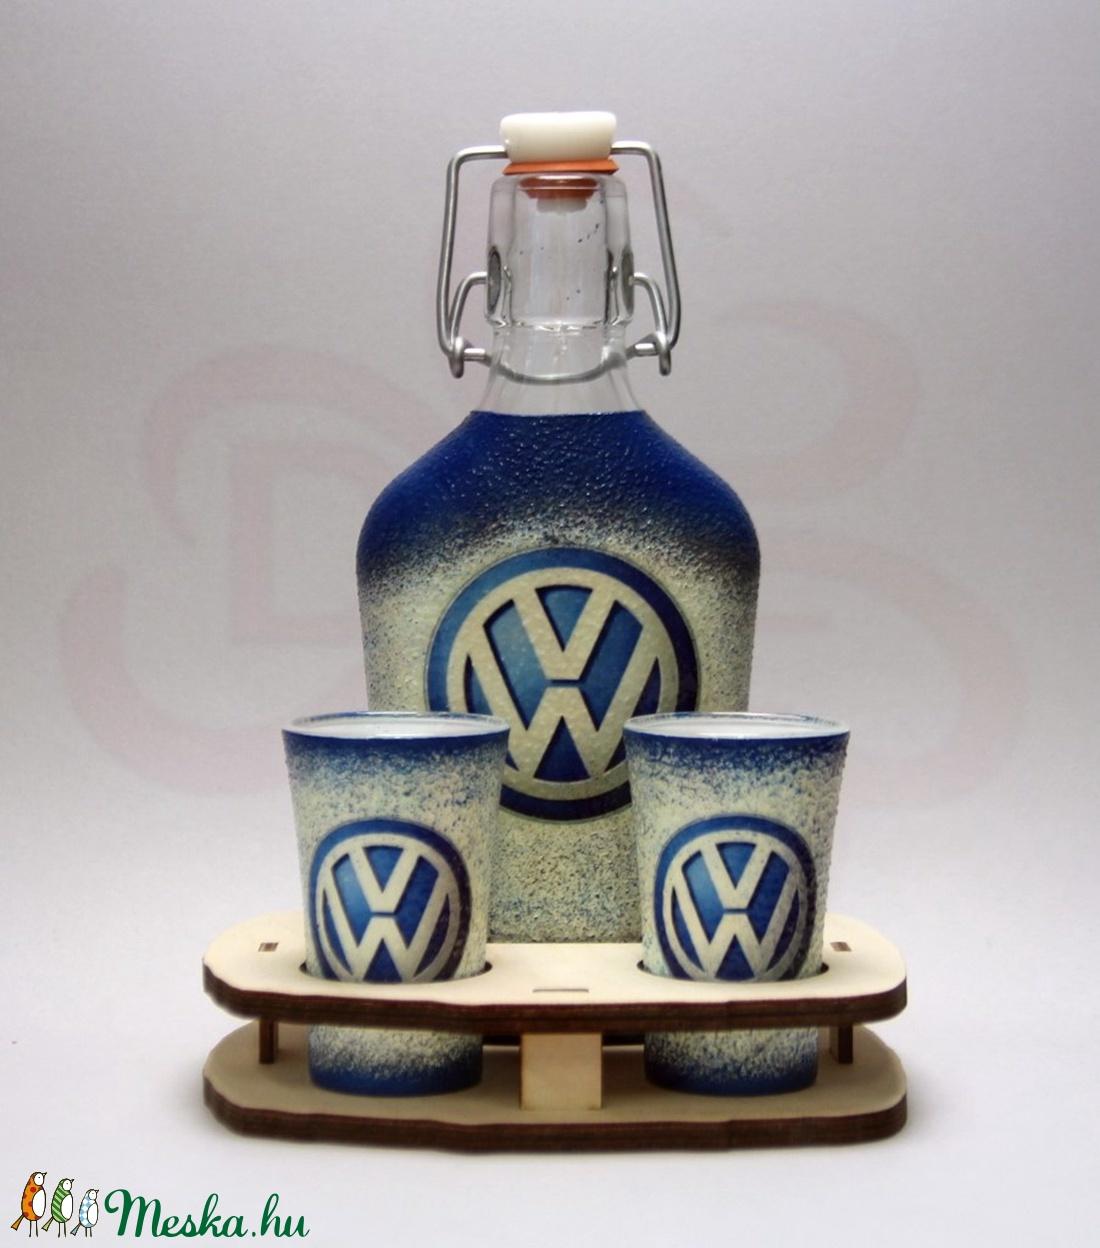 VOLKSWAGEN pálinkás szett ; Volkswagen autód fényképével is! - Meska.hu